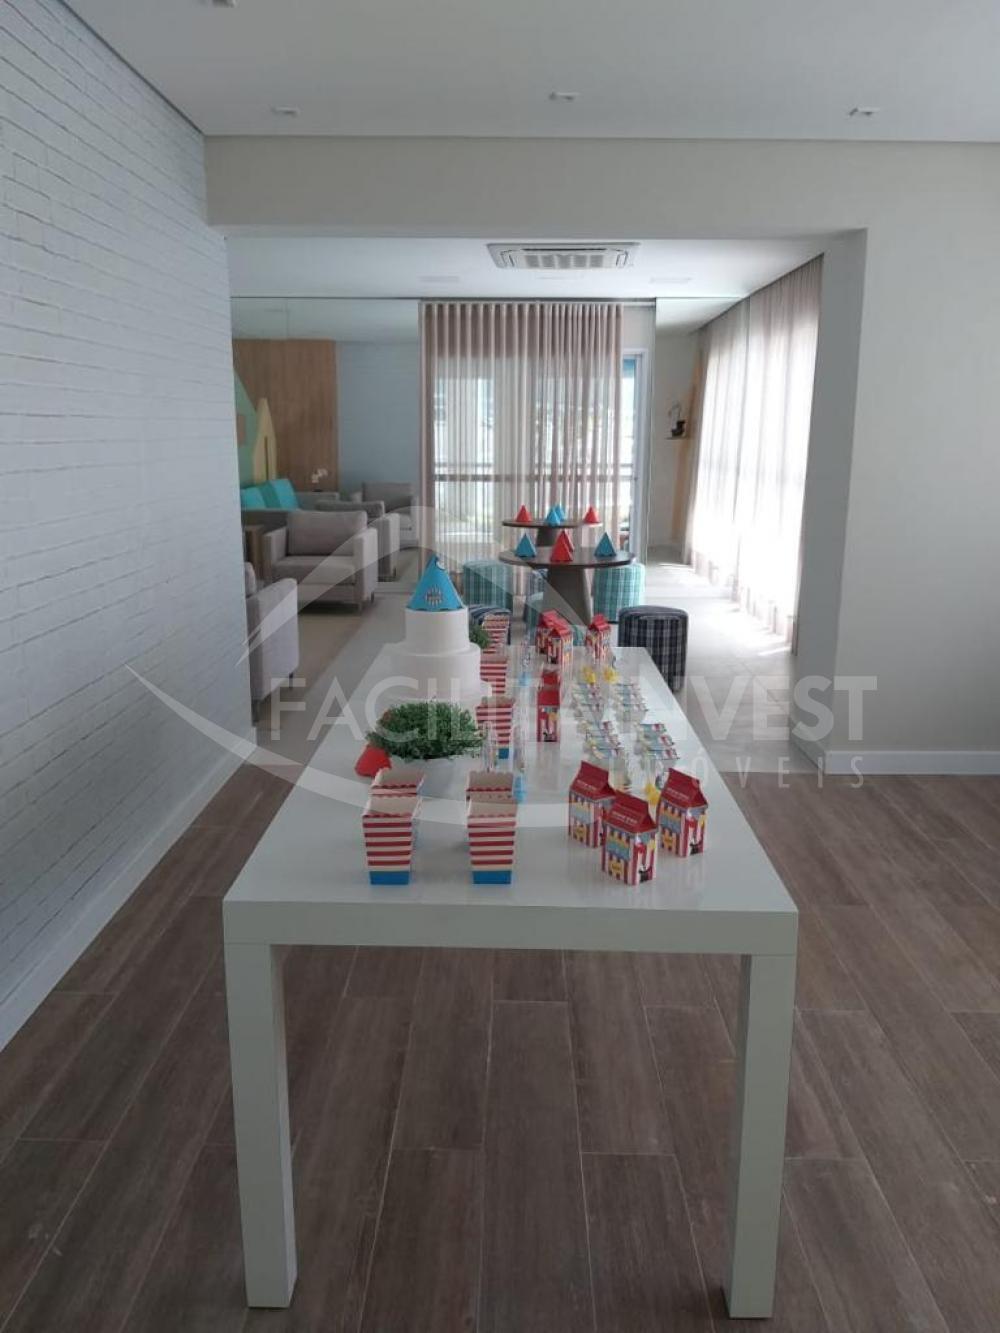 Alugar Apartamentos / Apart. Padrão em Ribeirão Preto apenas R$ 2.500,00 - Foto 35